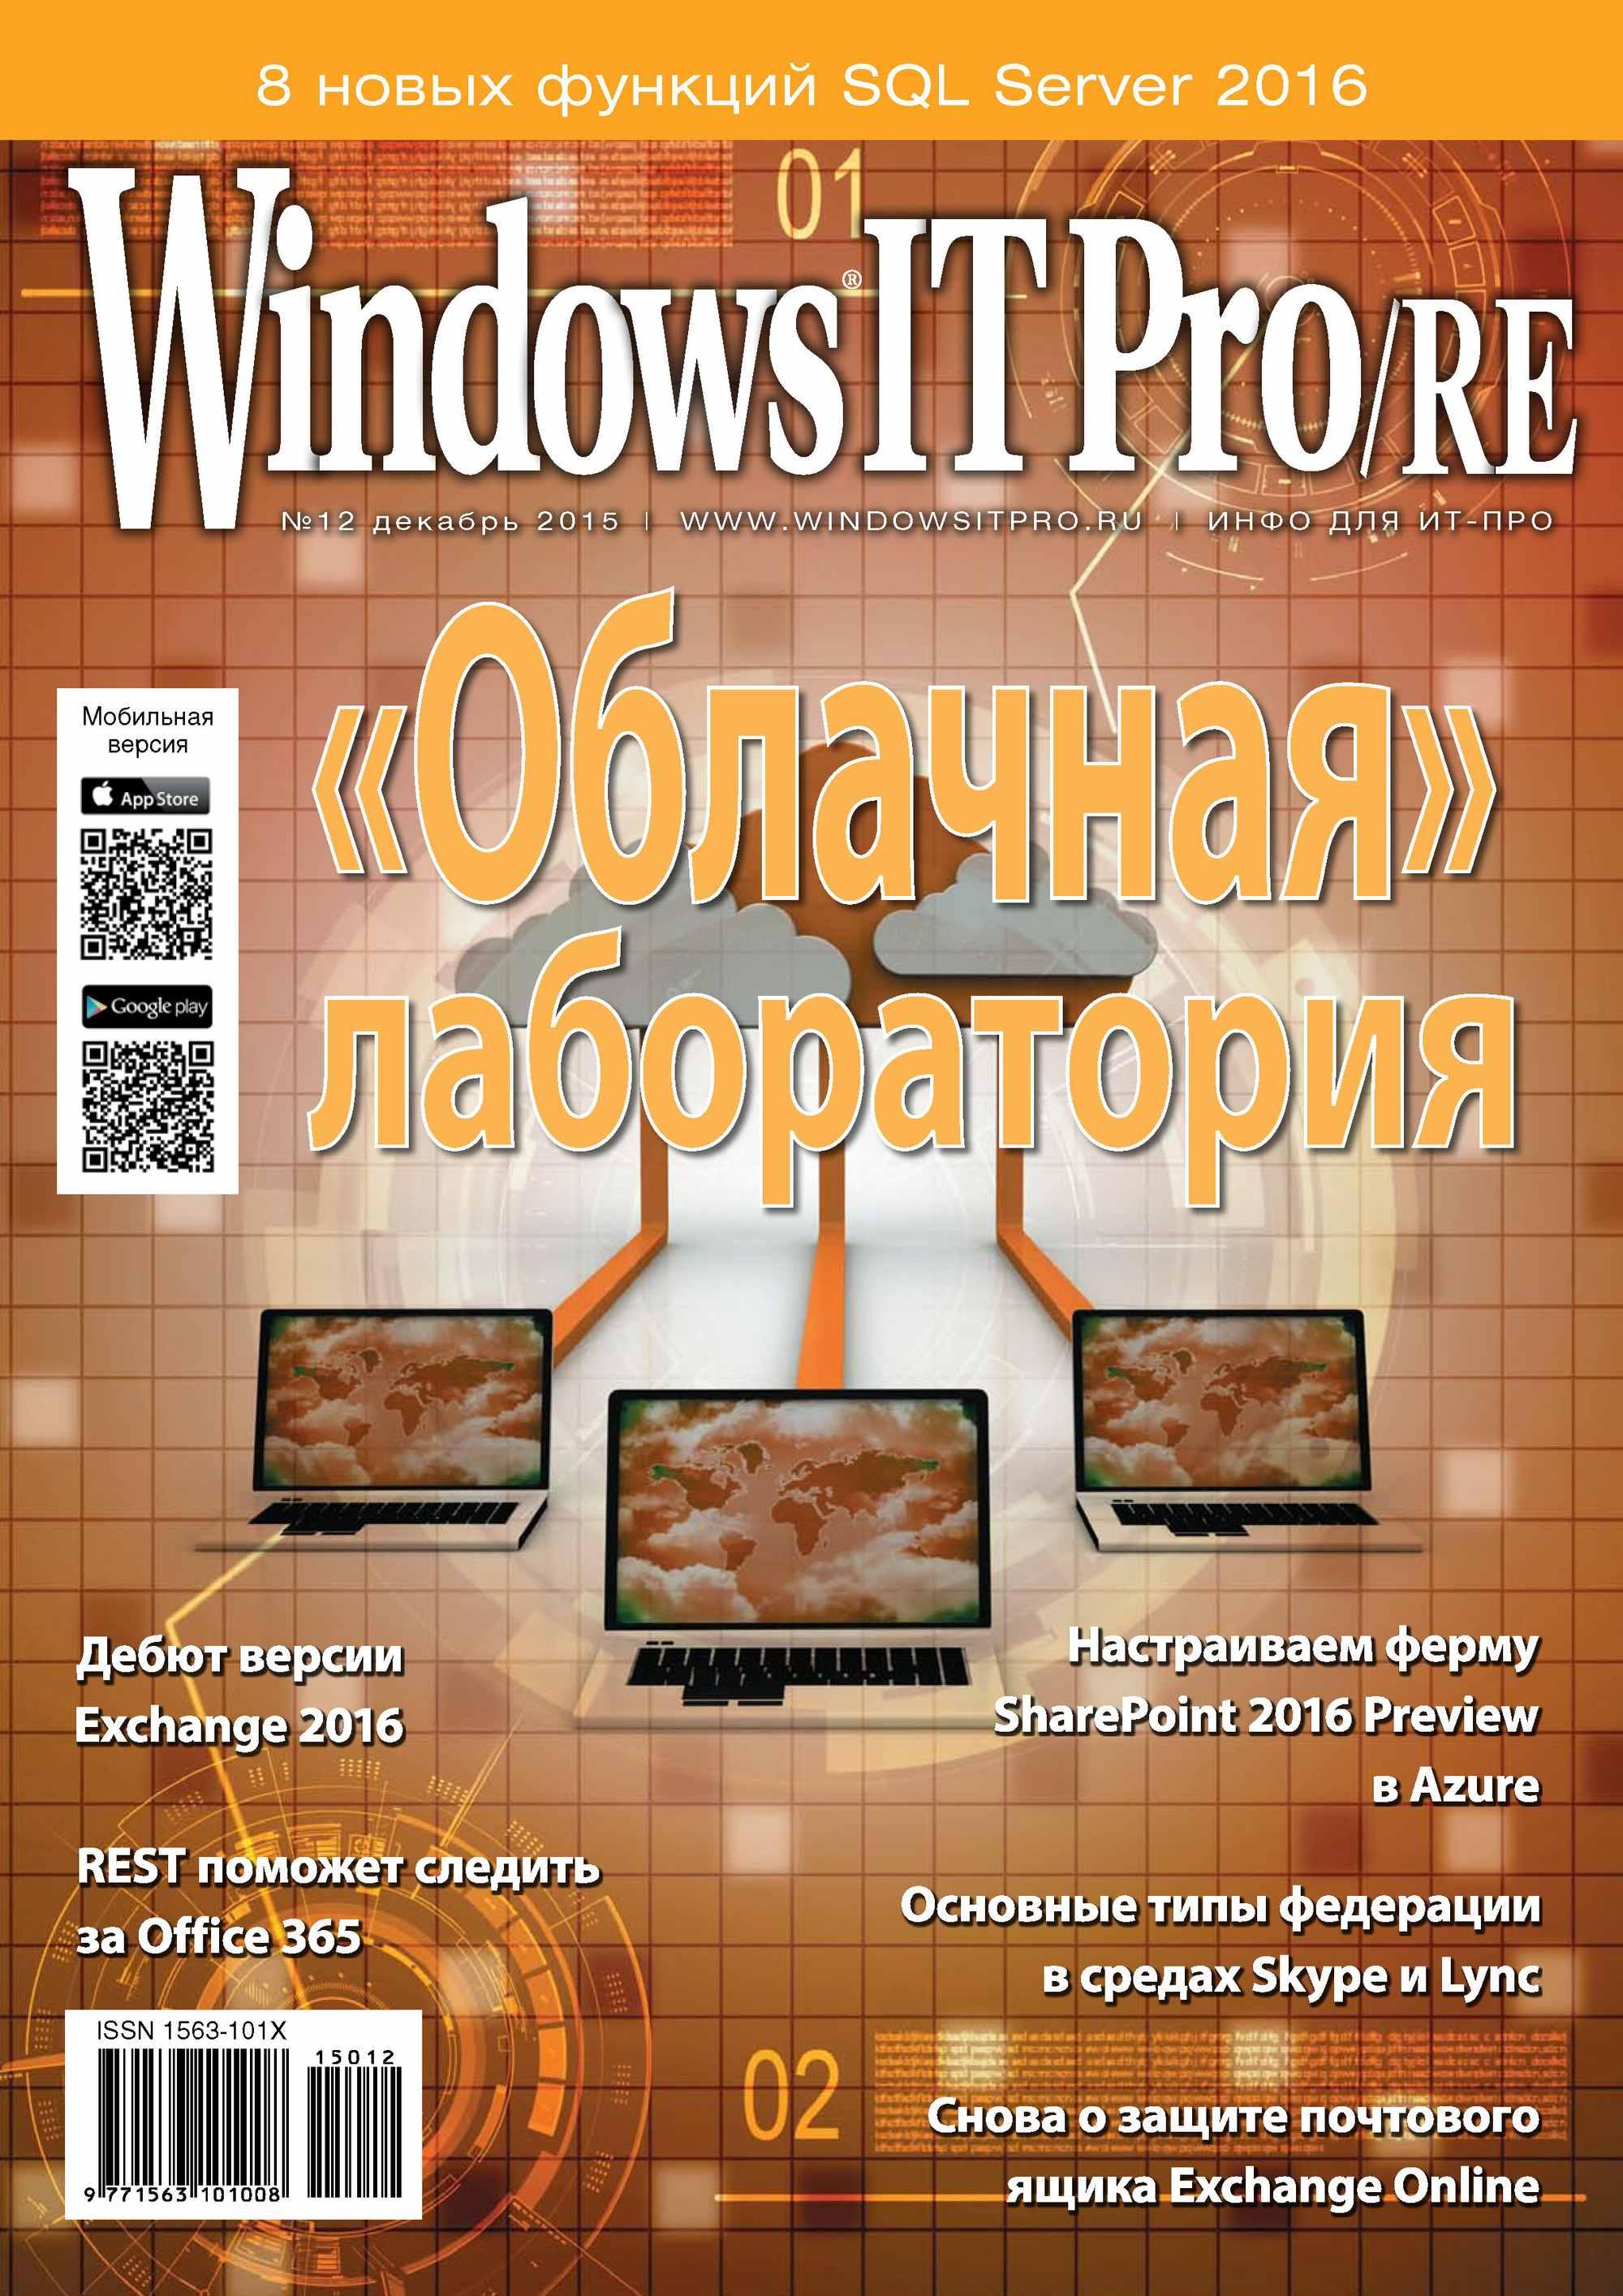 Открытые системы Windows IT Pro/RE №12/2015 коробочная версия microsoft office 365 персональный [qq2 00595]